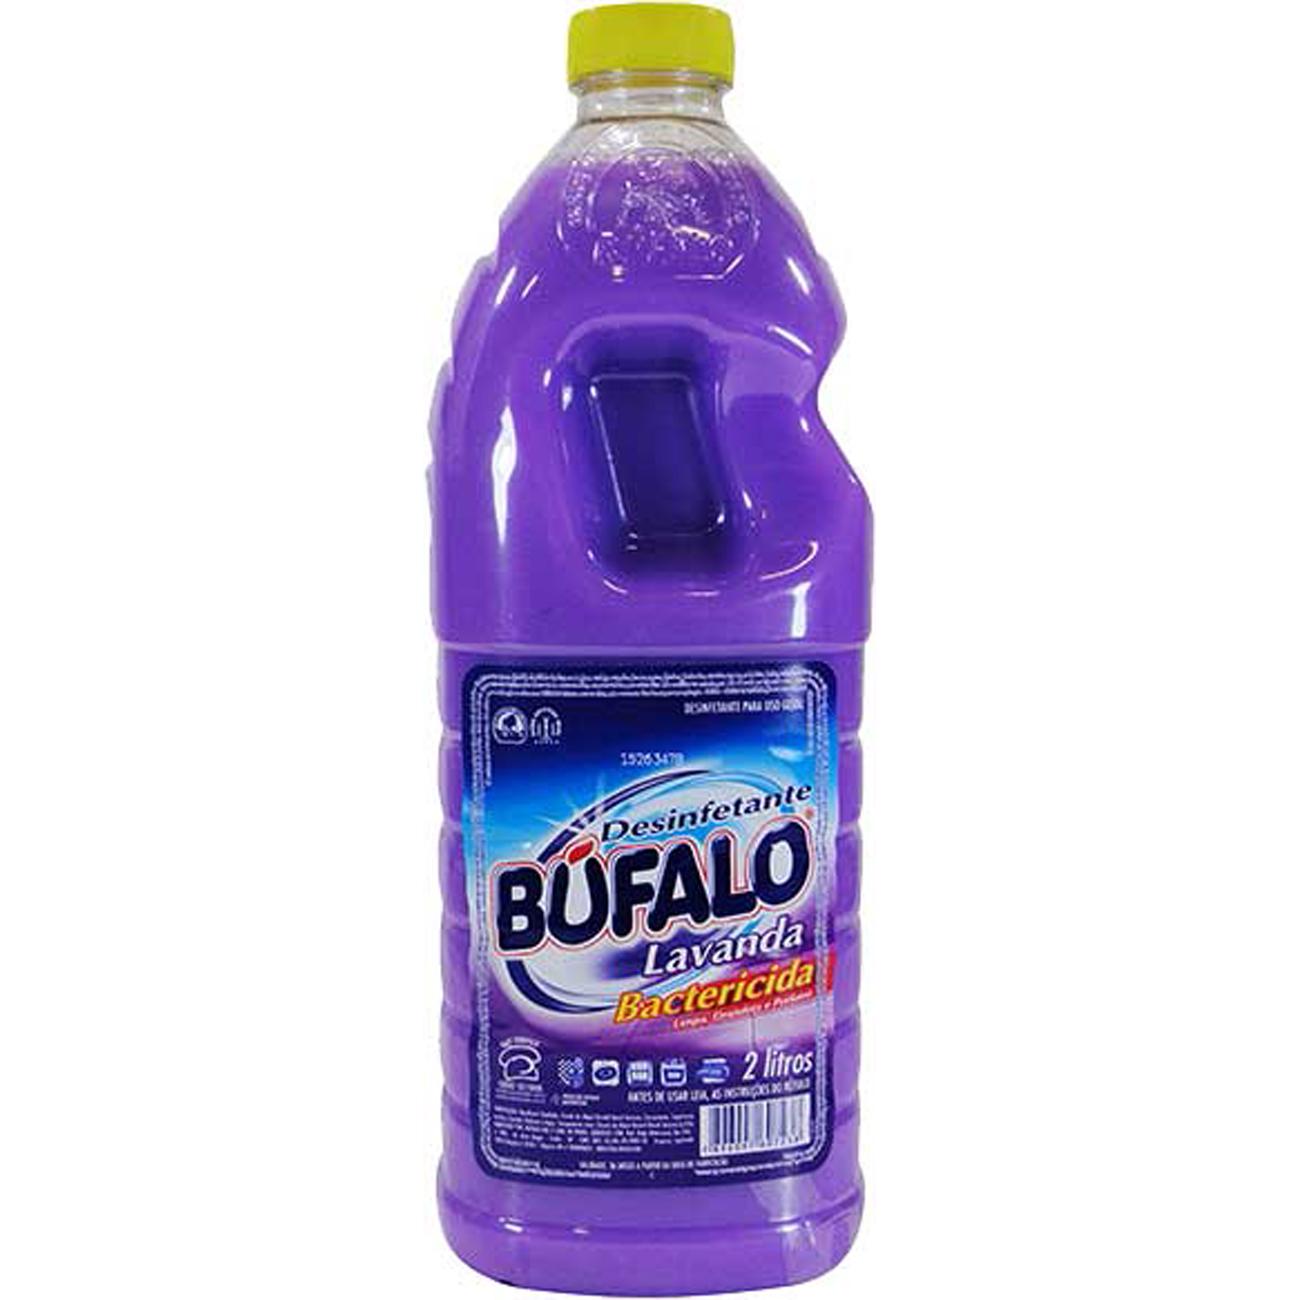 Desinfetante Bufalo 2Lt Lavanda